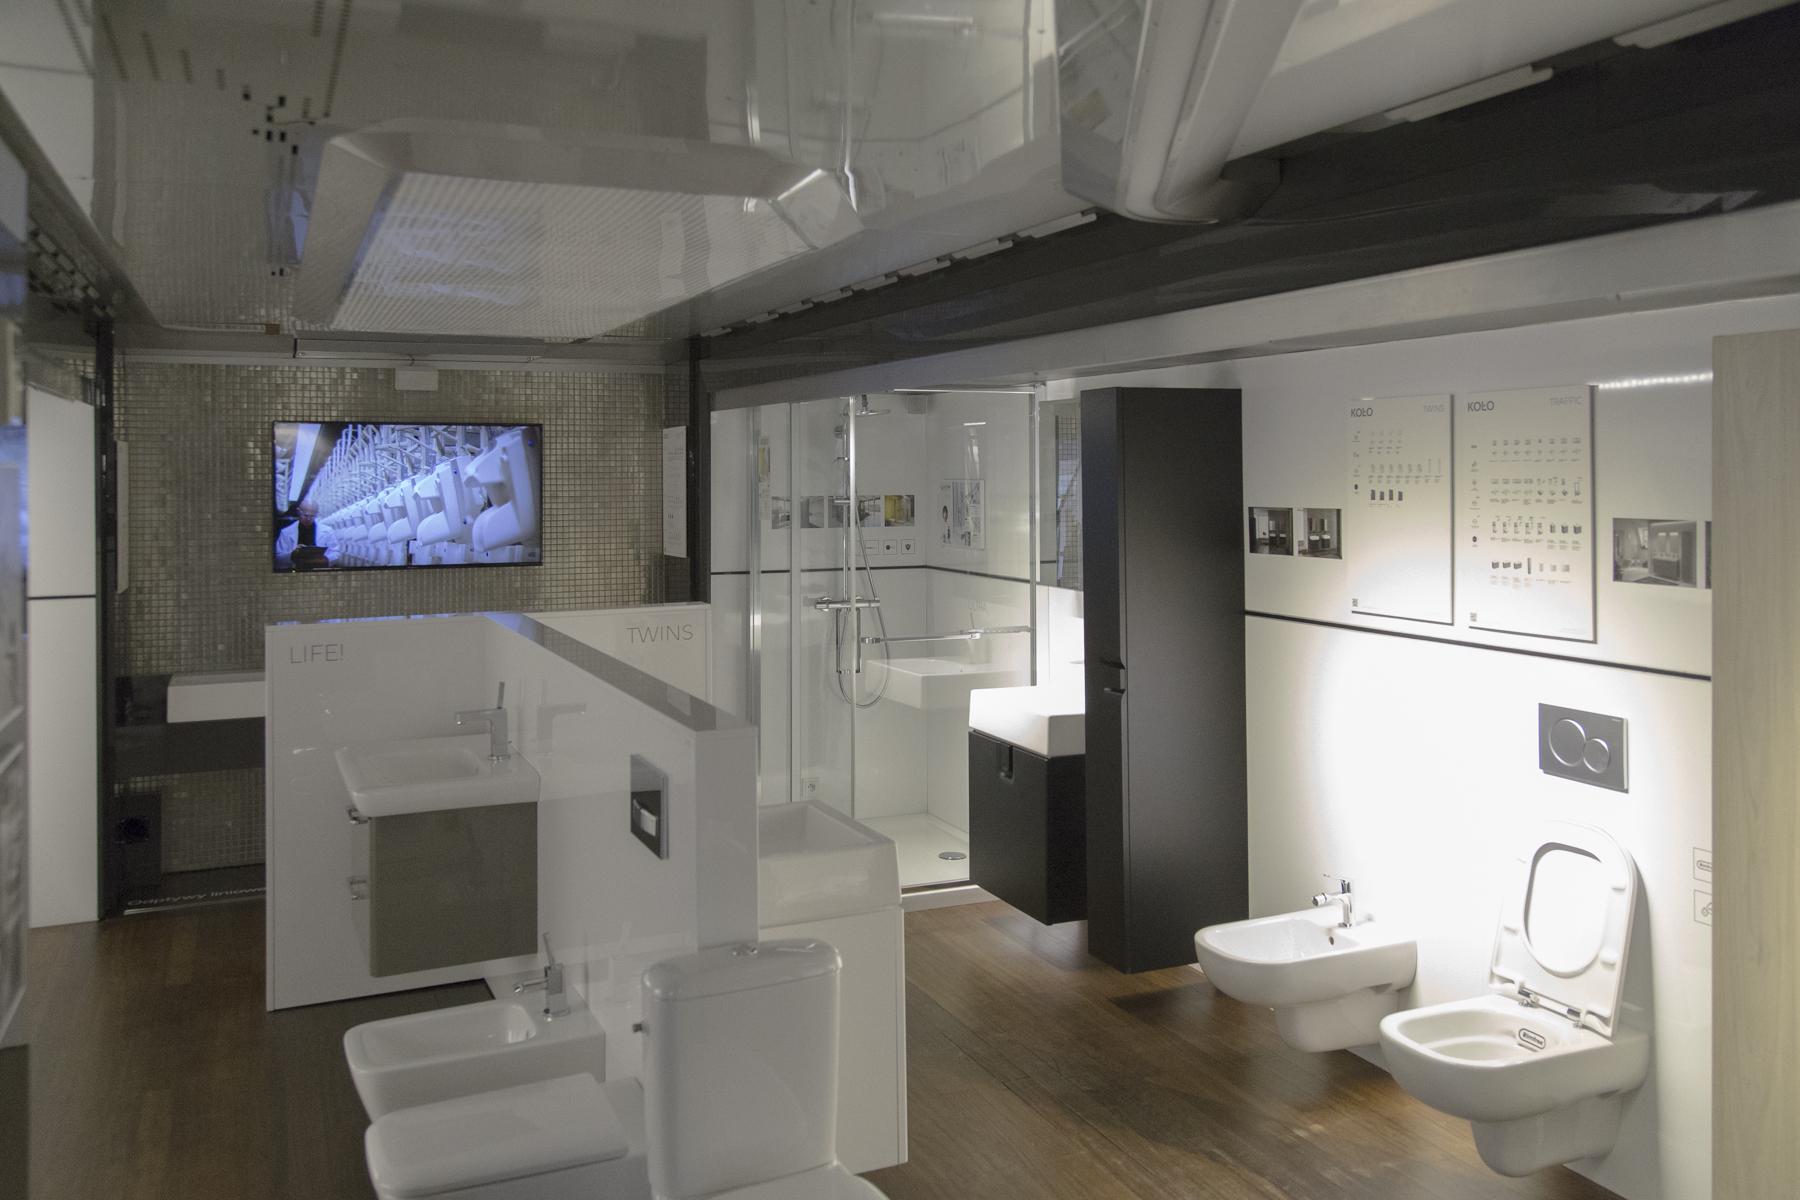 Zdjęcie przedstawia wnętrze Promo Trucka Koło. Znajdują się w nich różne produkty - umywalki, miski toaletowe, w rogu znajduje się kabina prysznicowa.